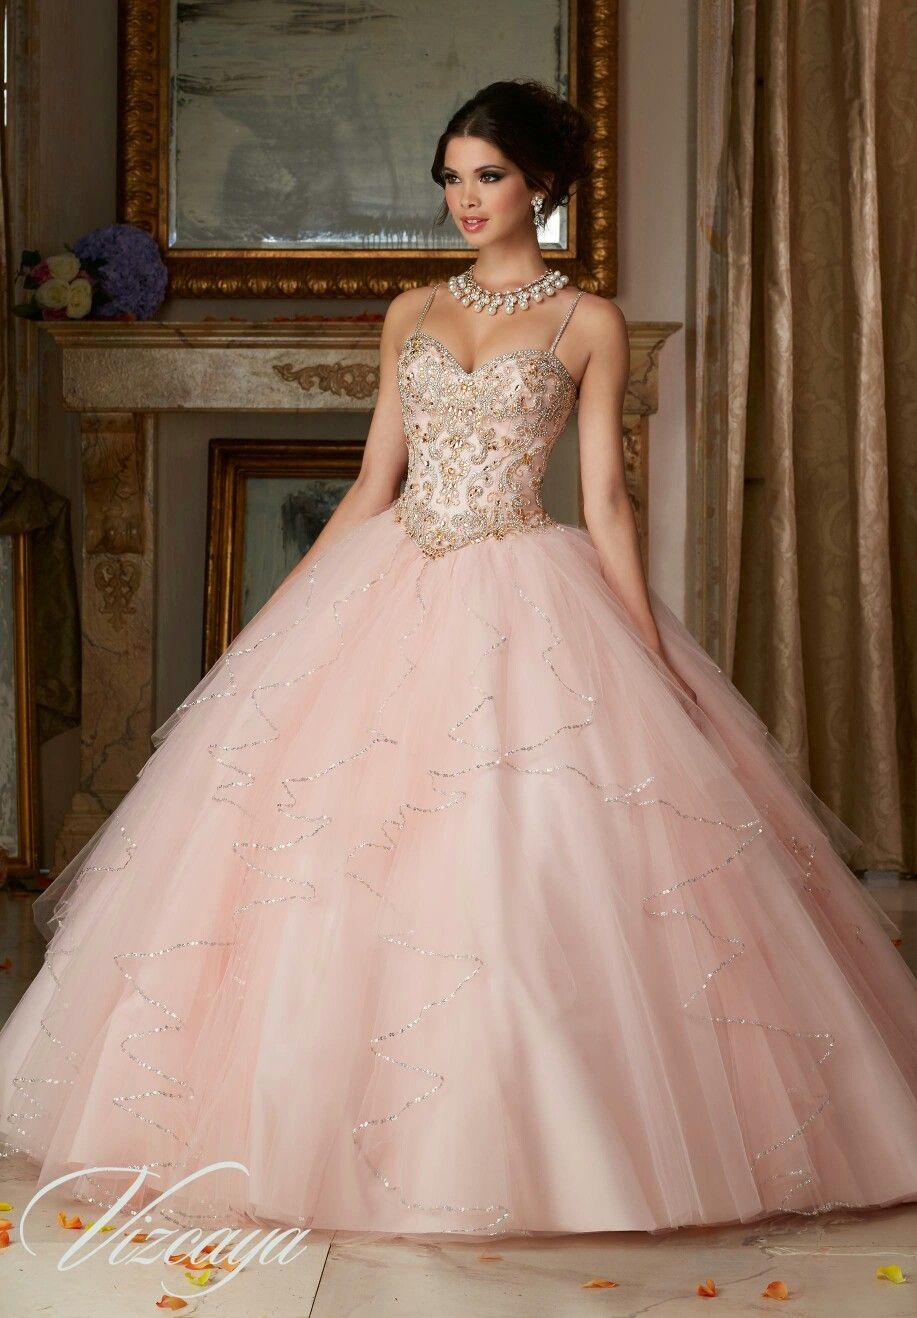 Vestidos de 15 | XV | Pinterest | Vestiditos, 15 años y vestidos XV